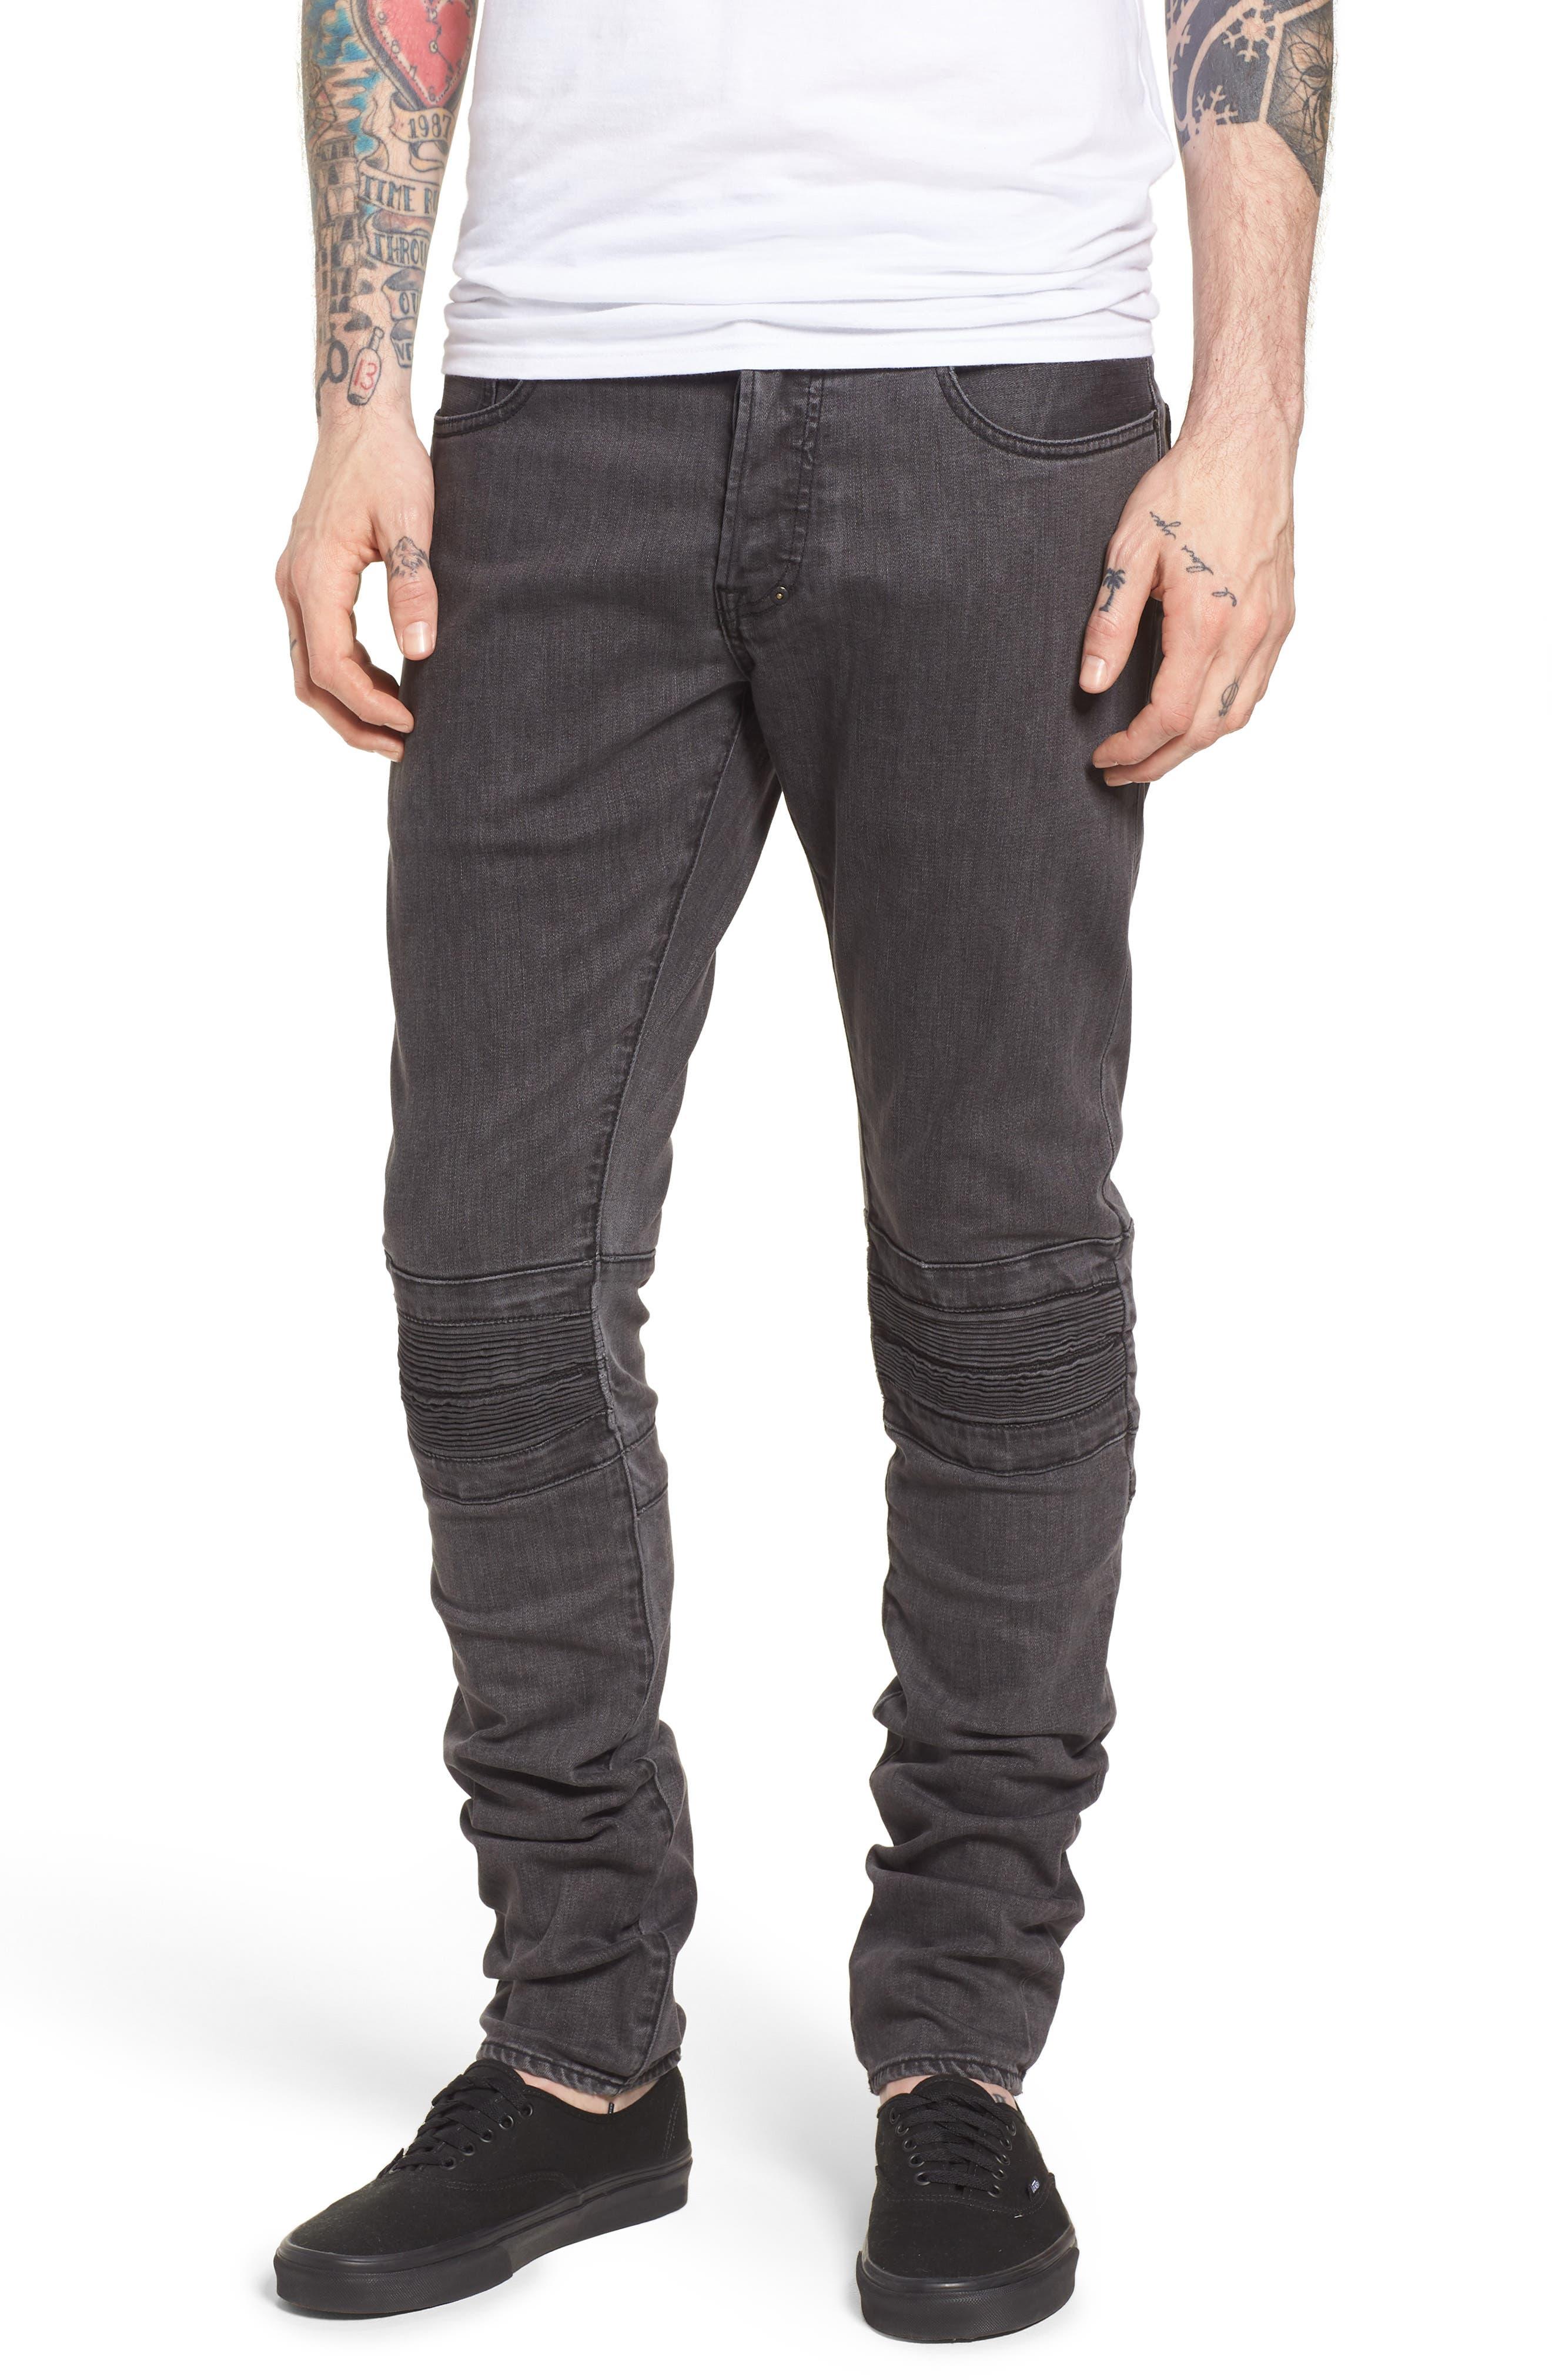 Le Sabre Slim Fit Jeans,                             Main thumbnail 1, color,                             FESTIVAL